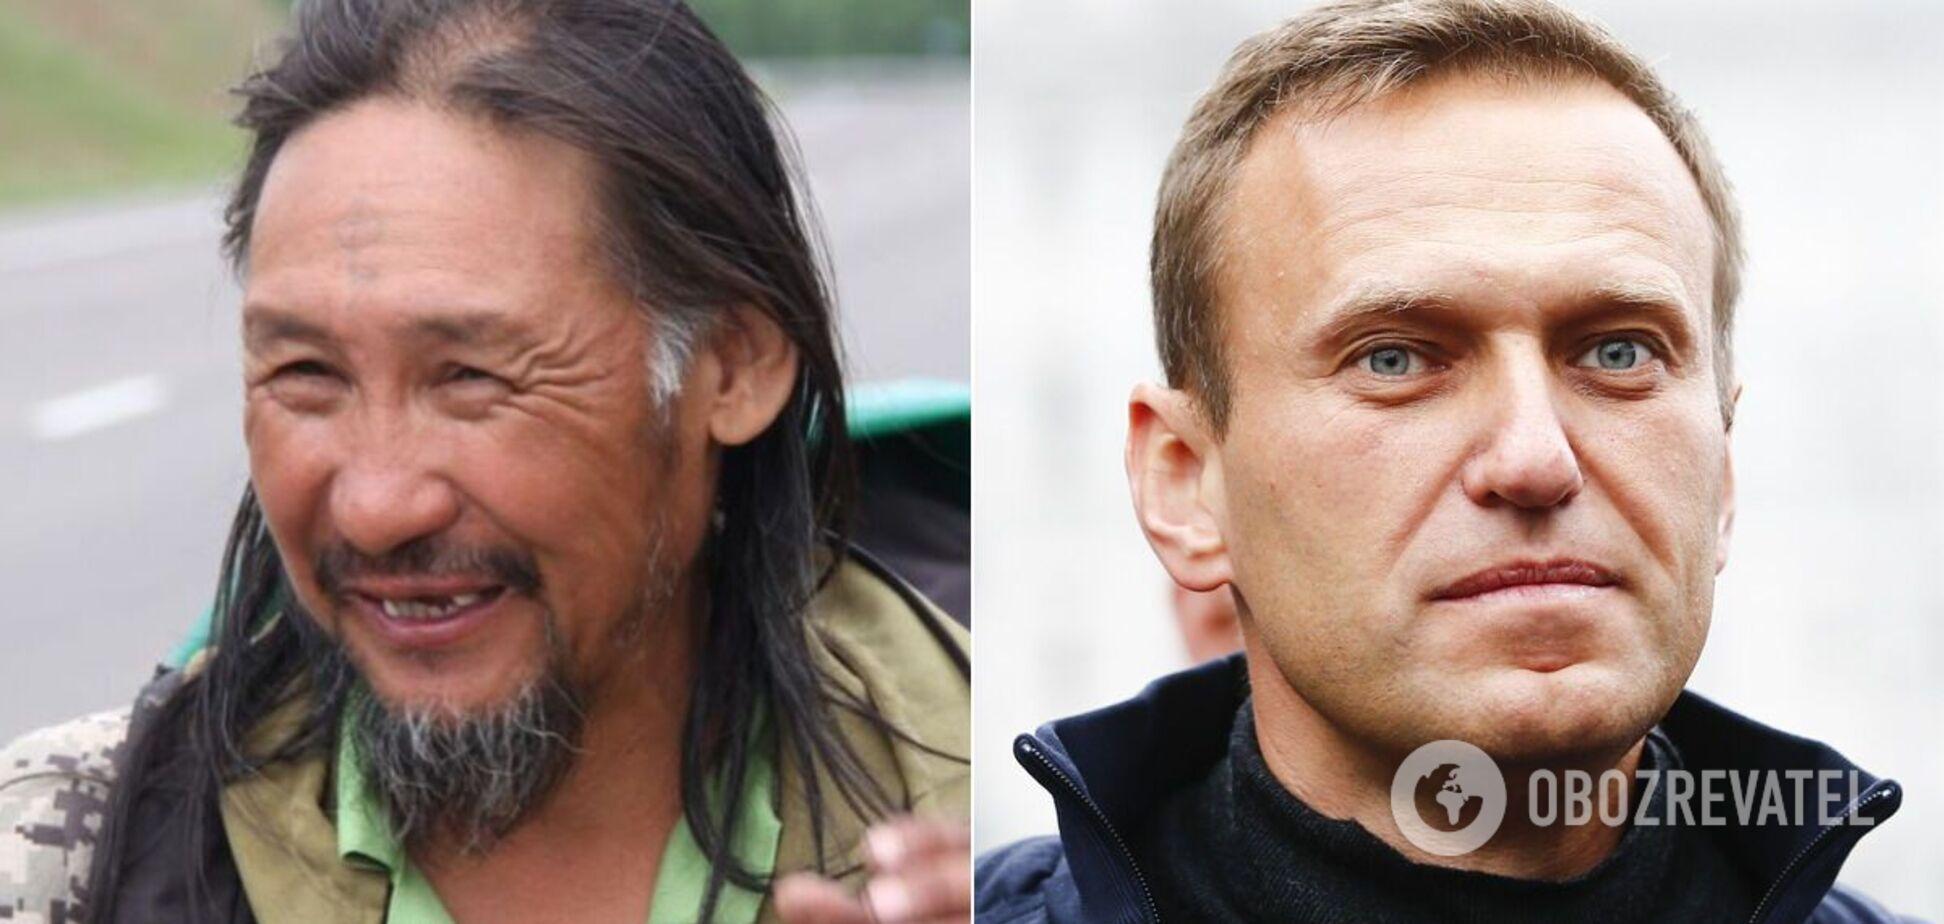 Що спільного у шамана Габишева і блогера Навального?